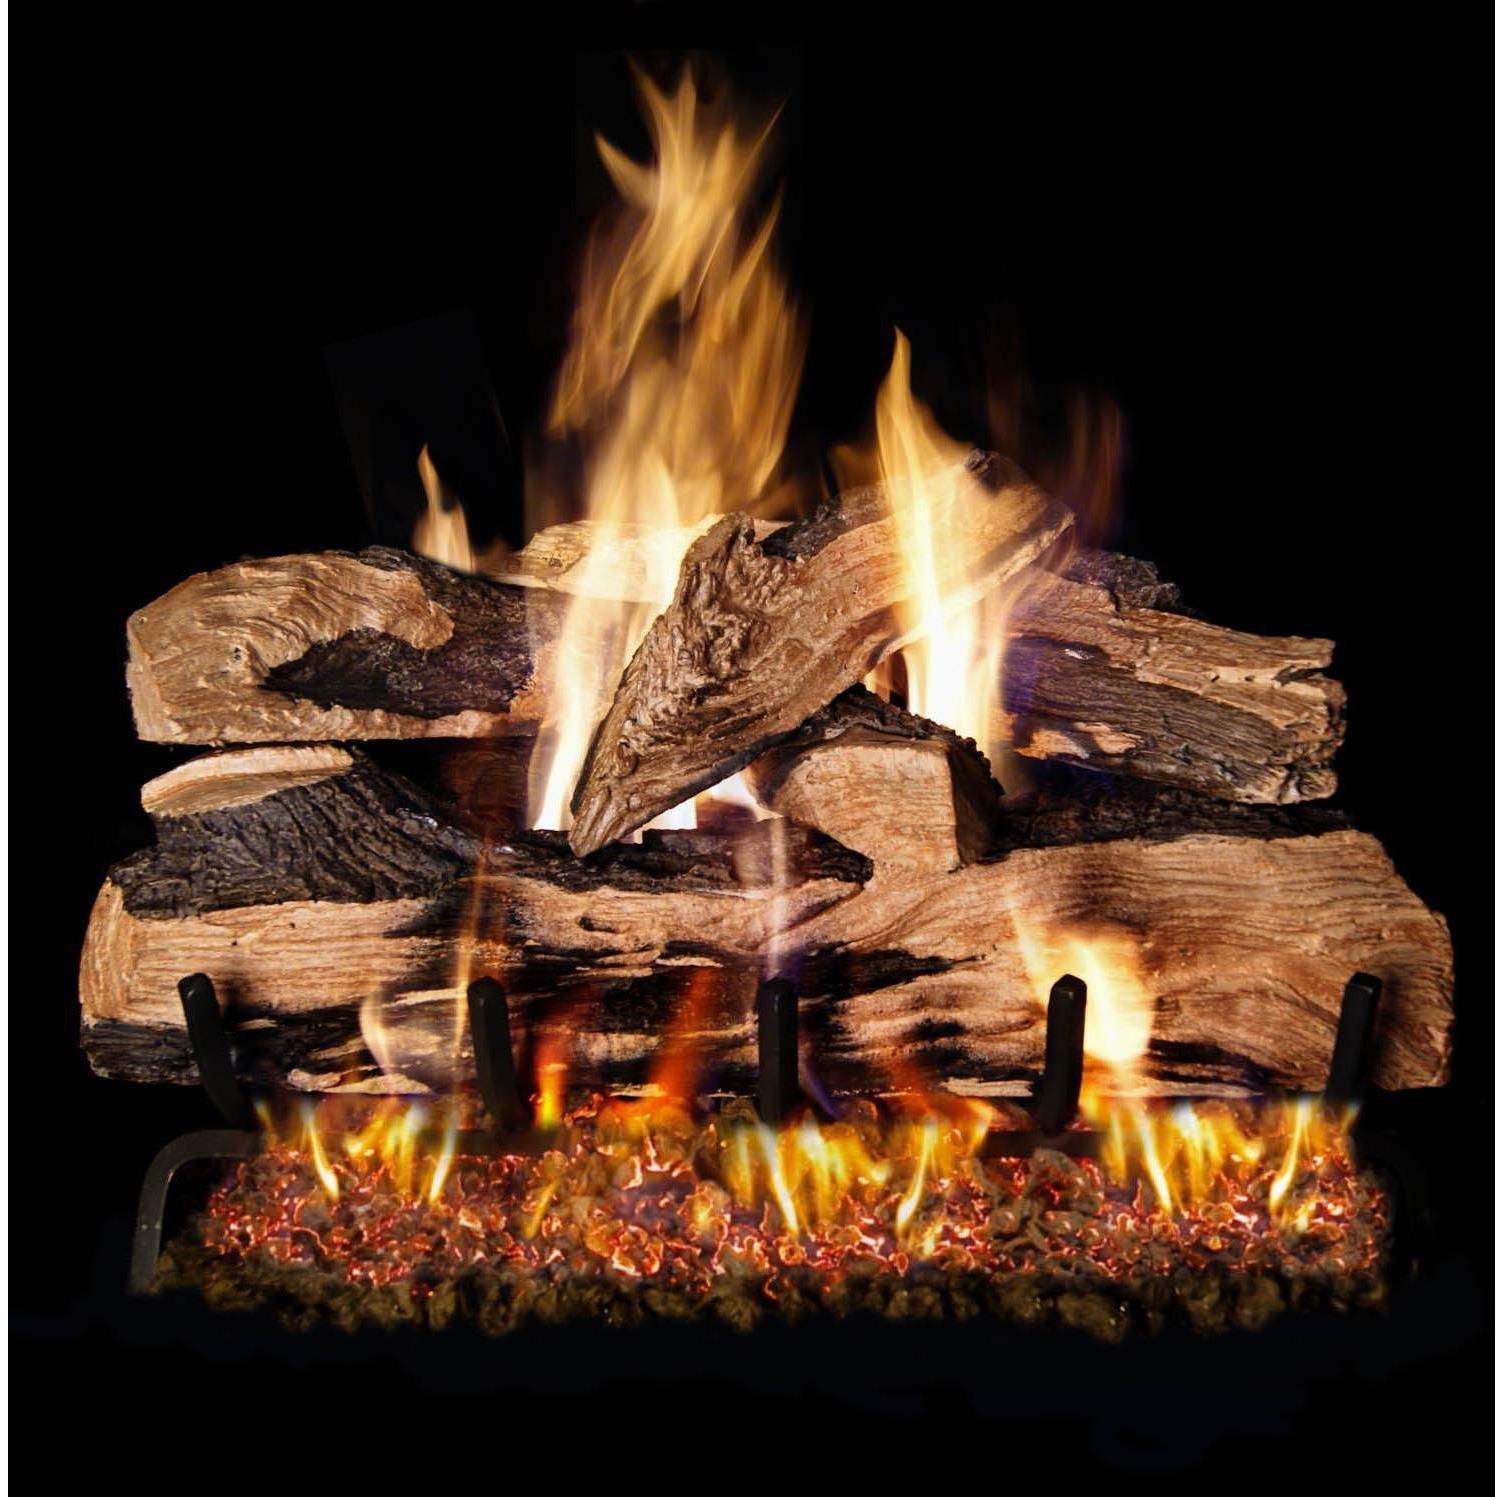 Peterson Real Fyre 30-inch Split Oak Designer Plus Log Set With Vented Natural Gas Ansi Certified G46 Burner - Electronic On/Off Remote